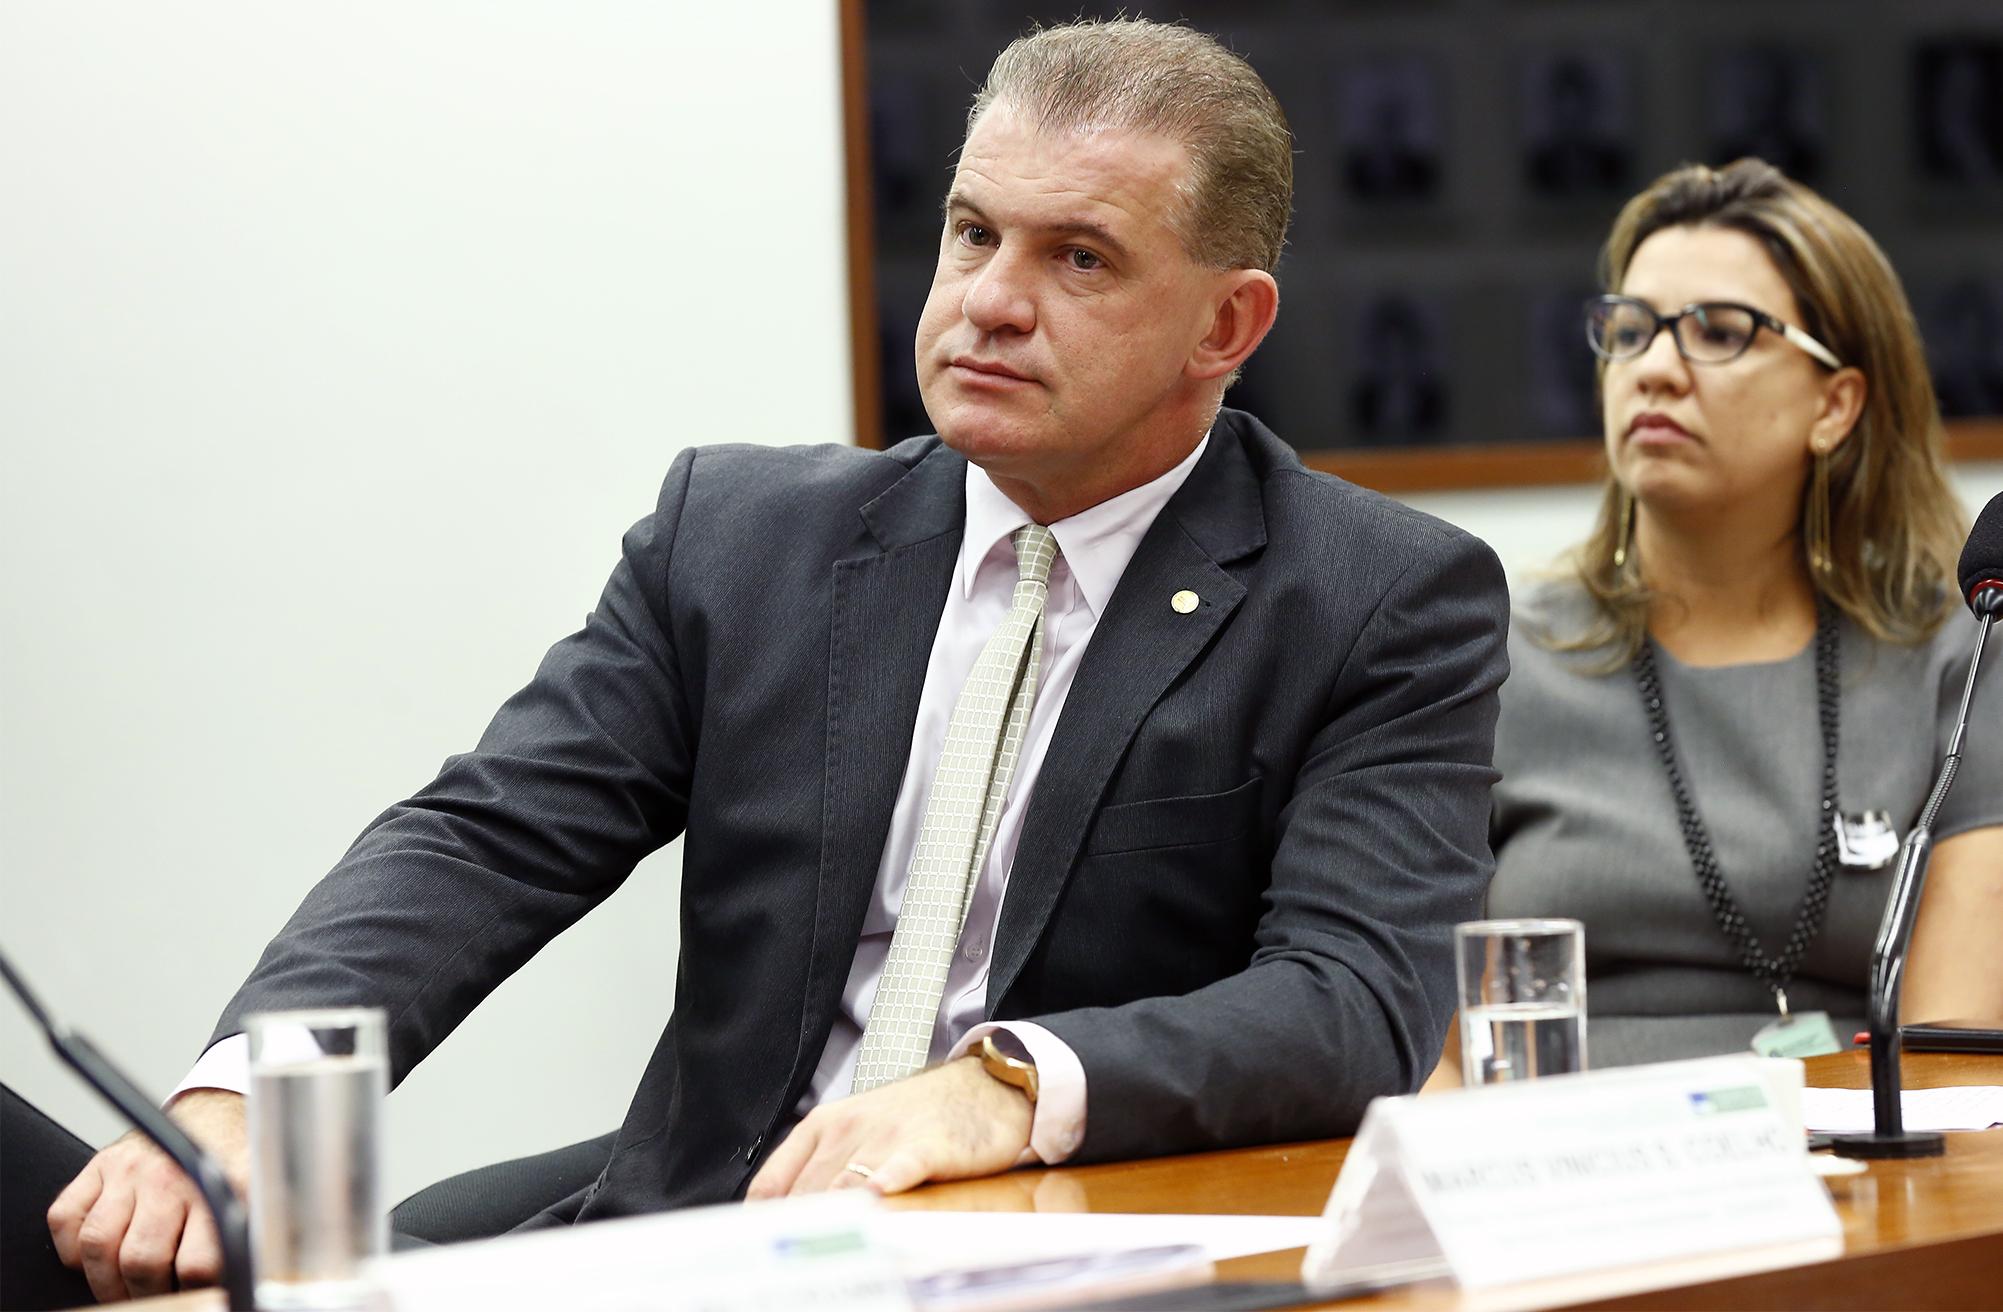 Audiência pública sobre o aprimoramento do Sistema Nacional de Defesa Agropecuária com ênfase em Sanidade Vegetal. Dep. Evandro Roman (PSD - PR)